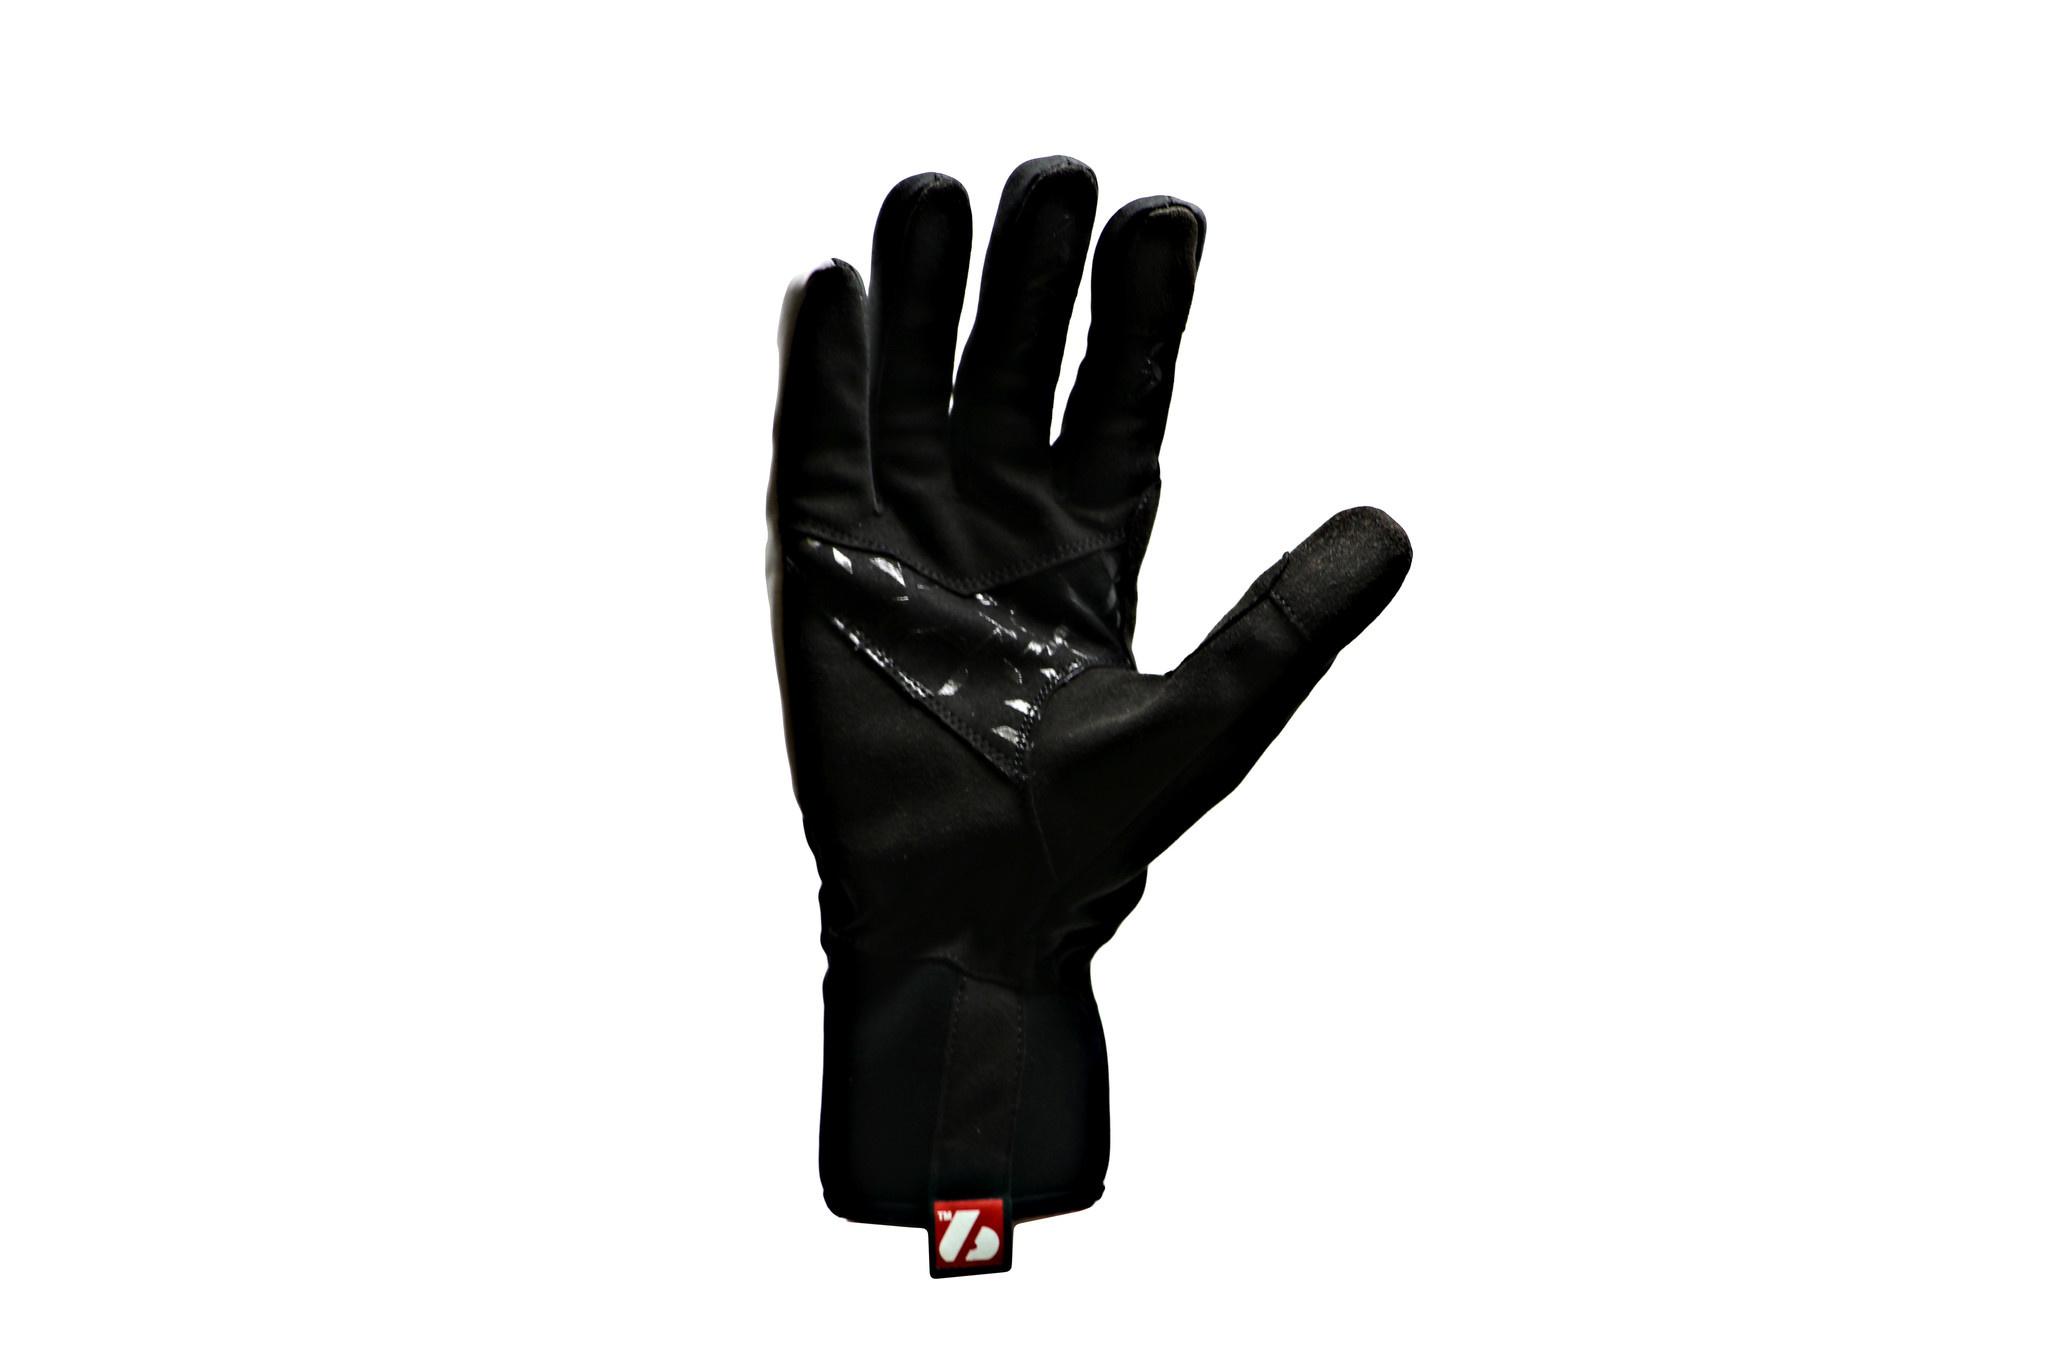 NBG-16 xc elite guanti invernali per lo sci di fondo -20 ° c